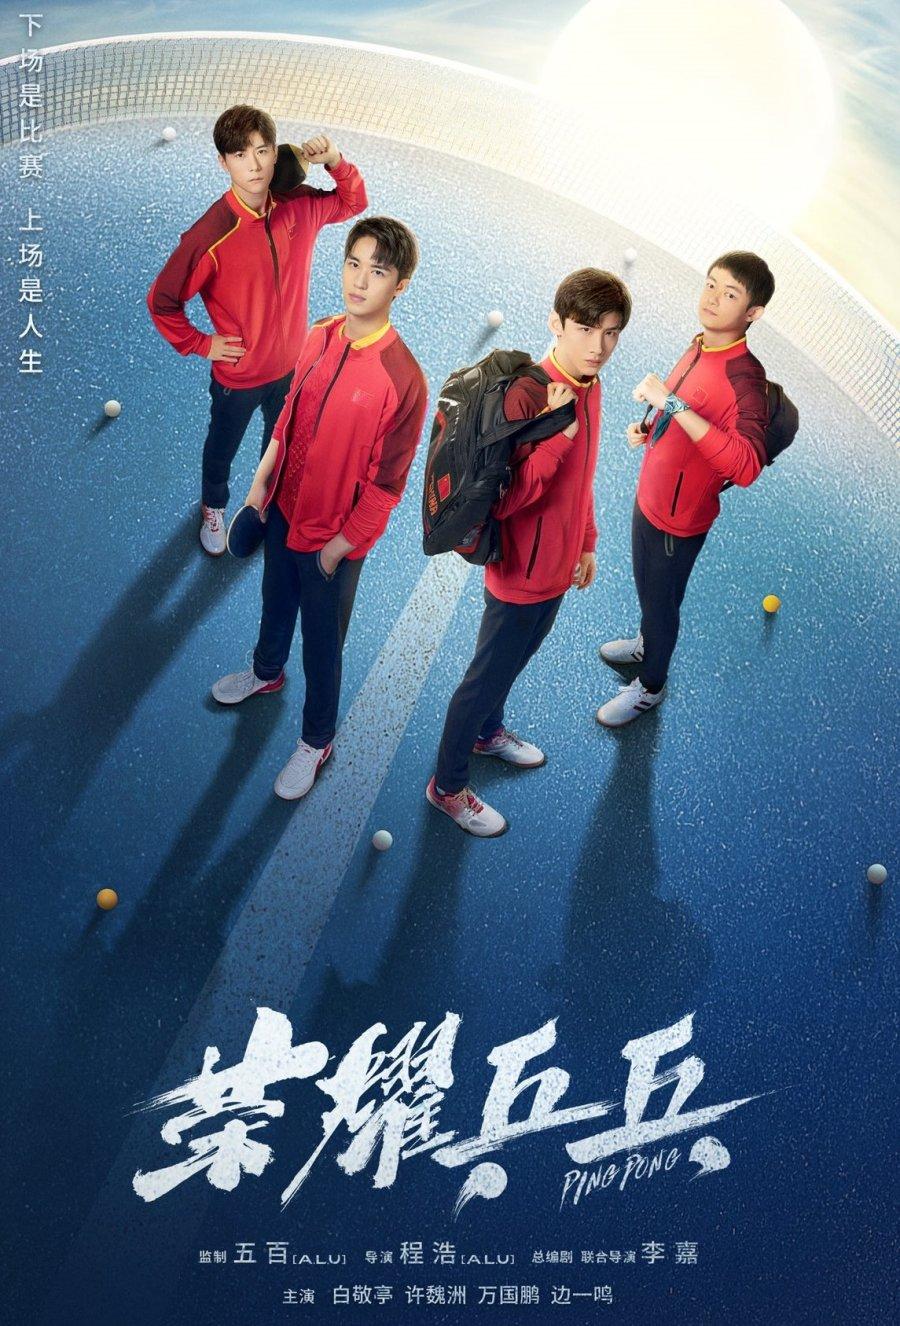 w81wJf - Пинг-понг: Дорога к славе ✦ 2021 ✦ Китай